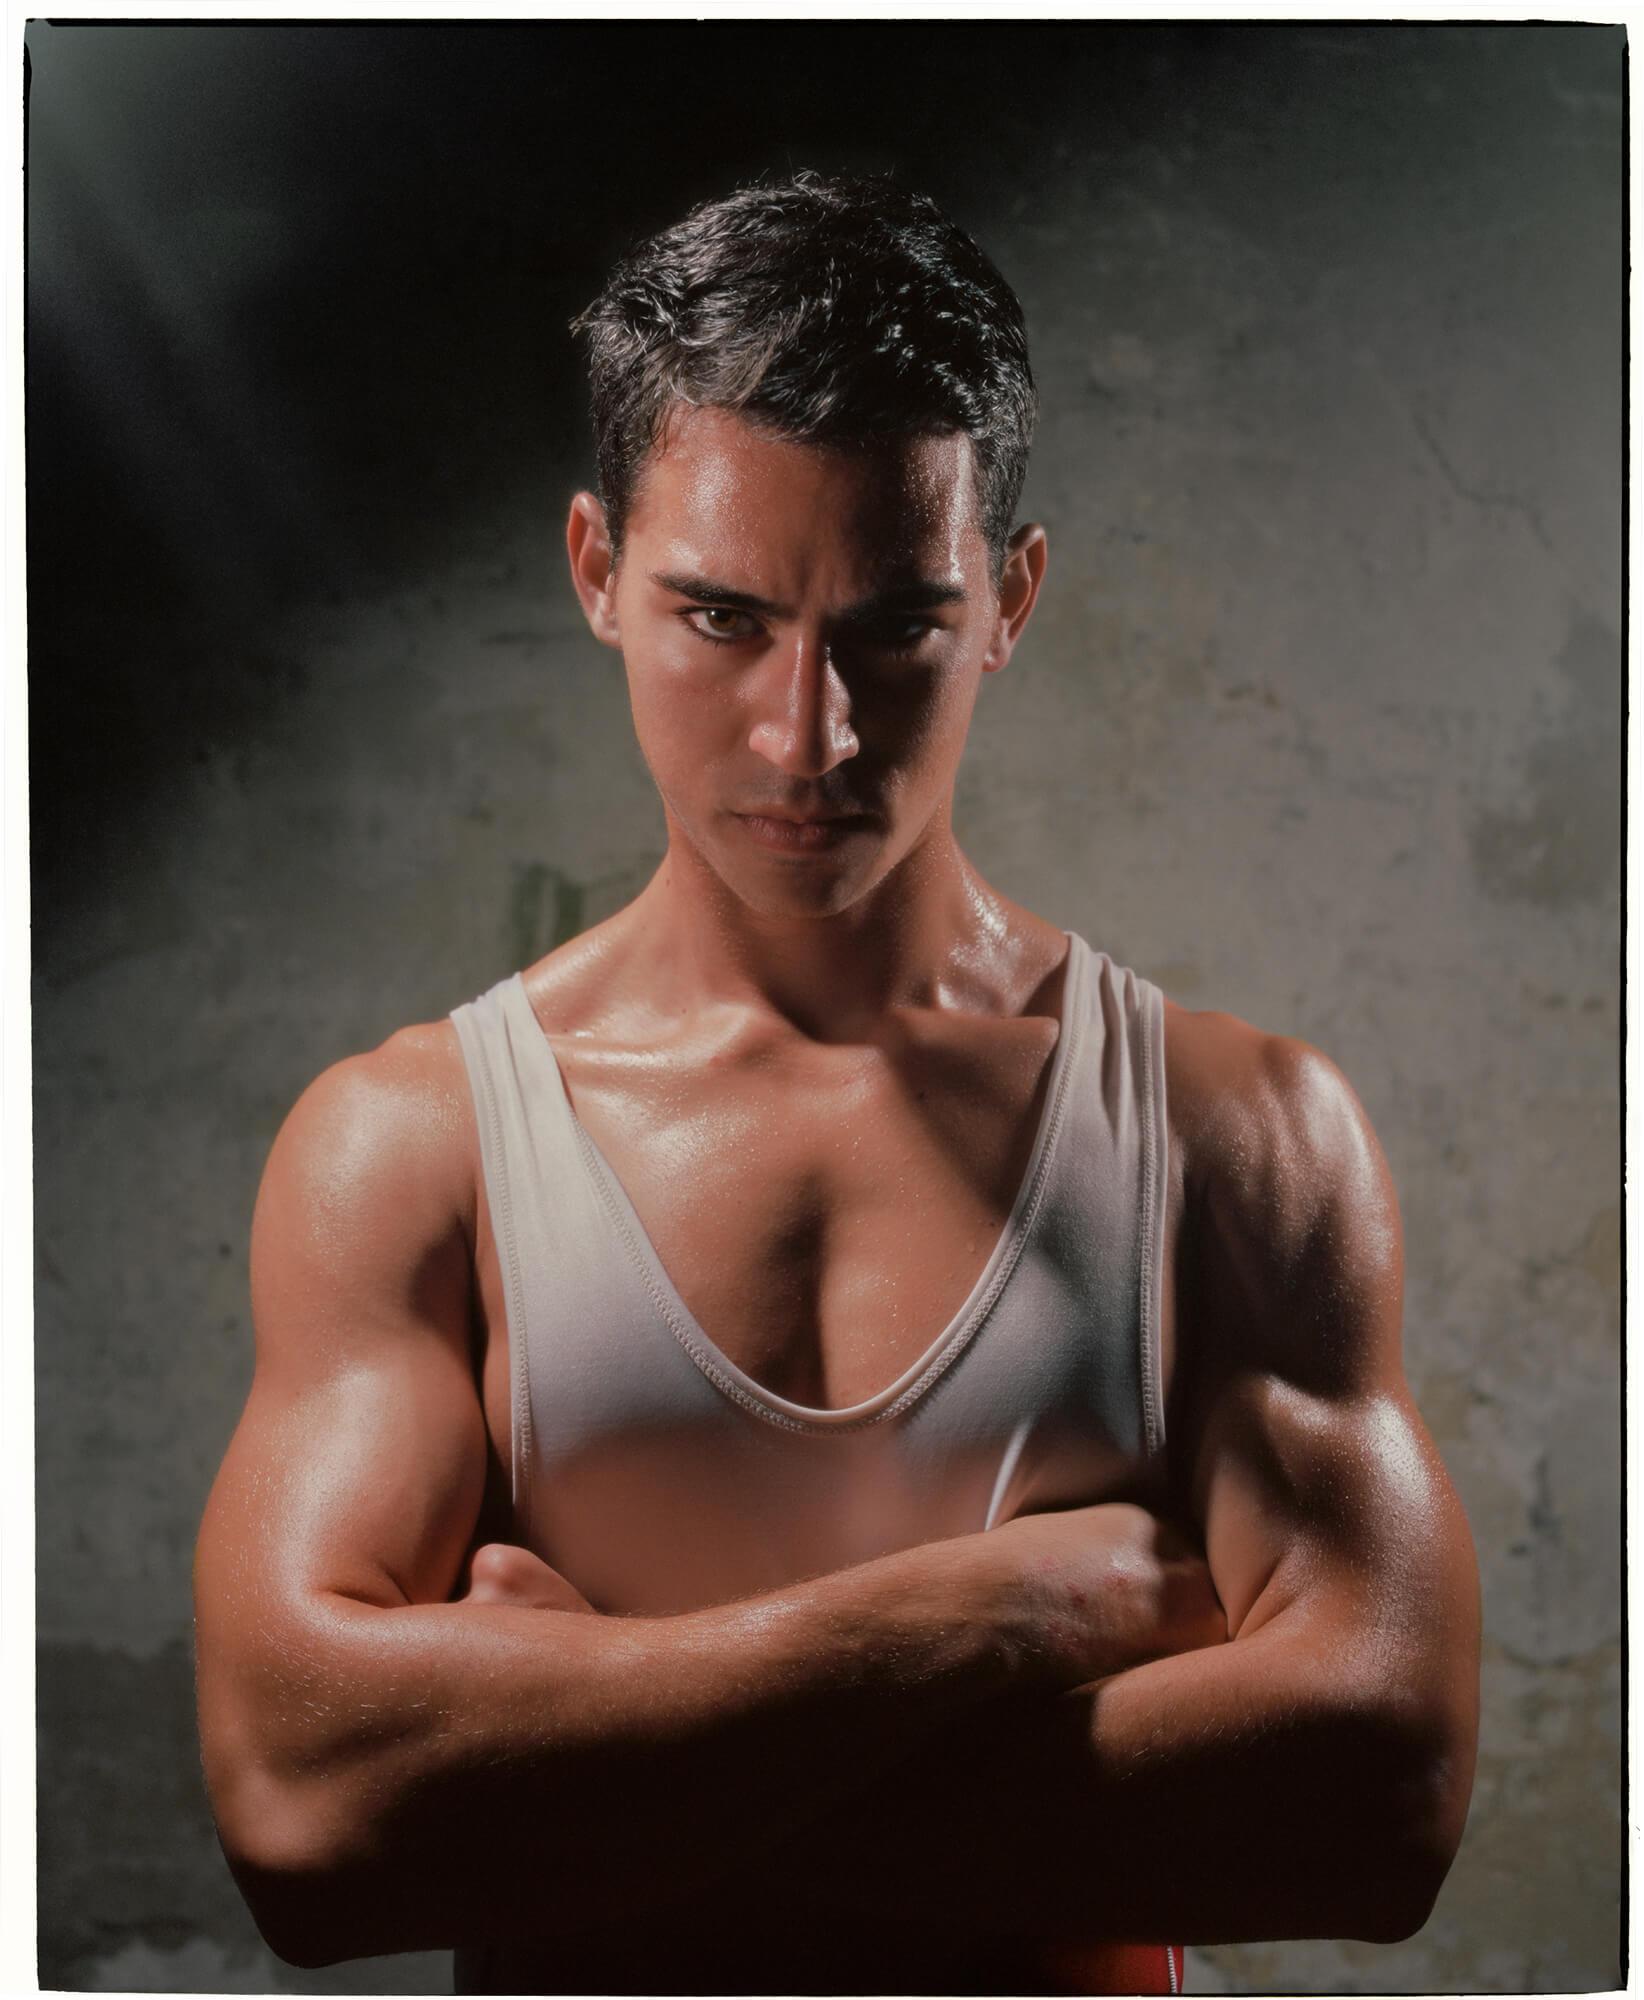 Le foto dei wrestler di Ben McNutt